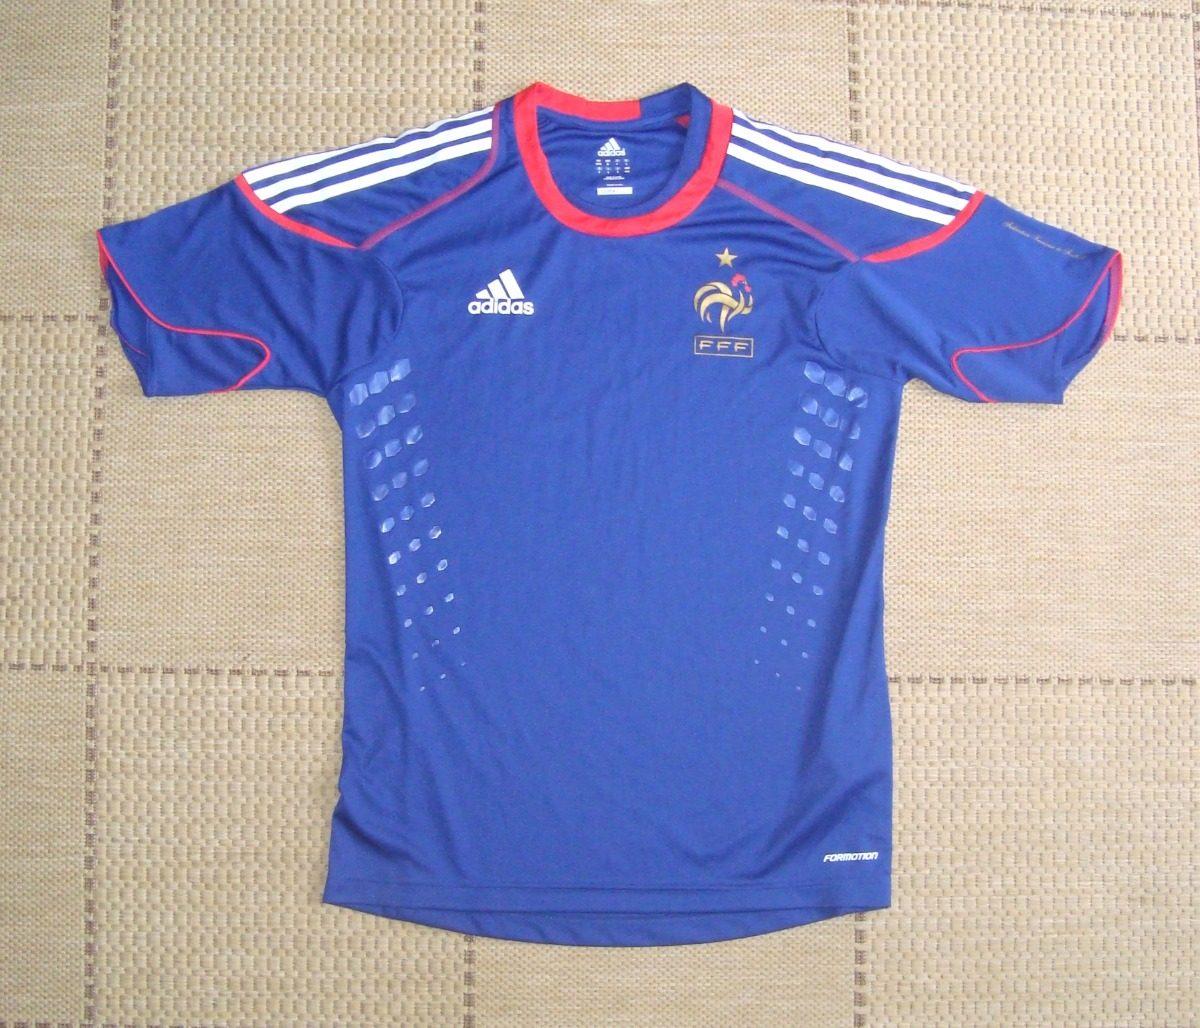 camisa original frança 2010 treino. Carregando zoom. 2ca50224a9db3